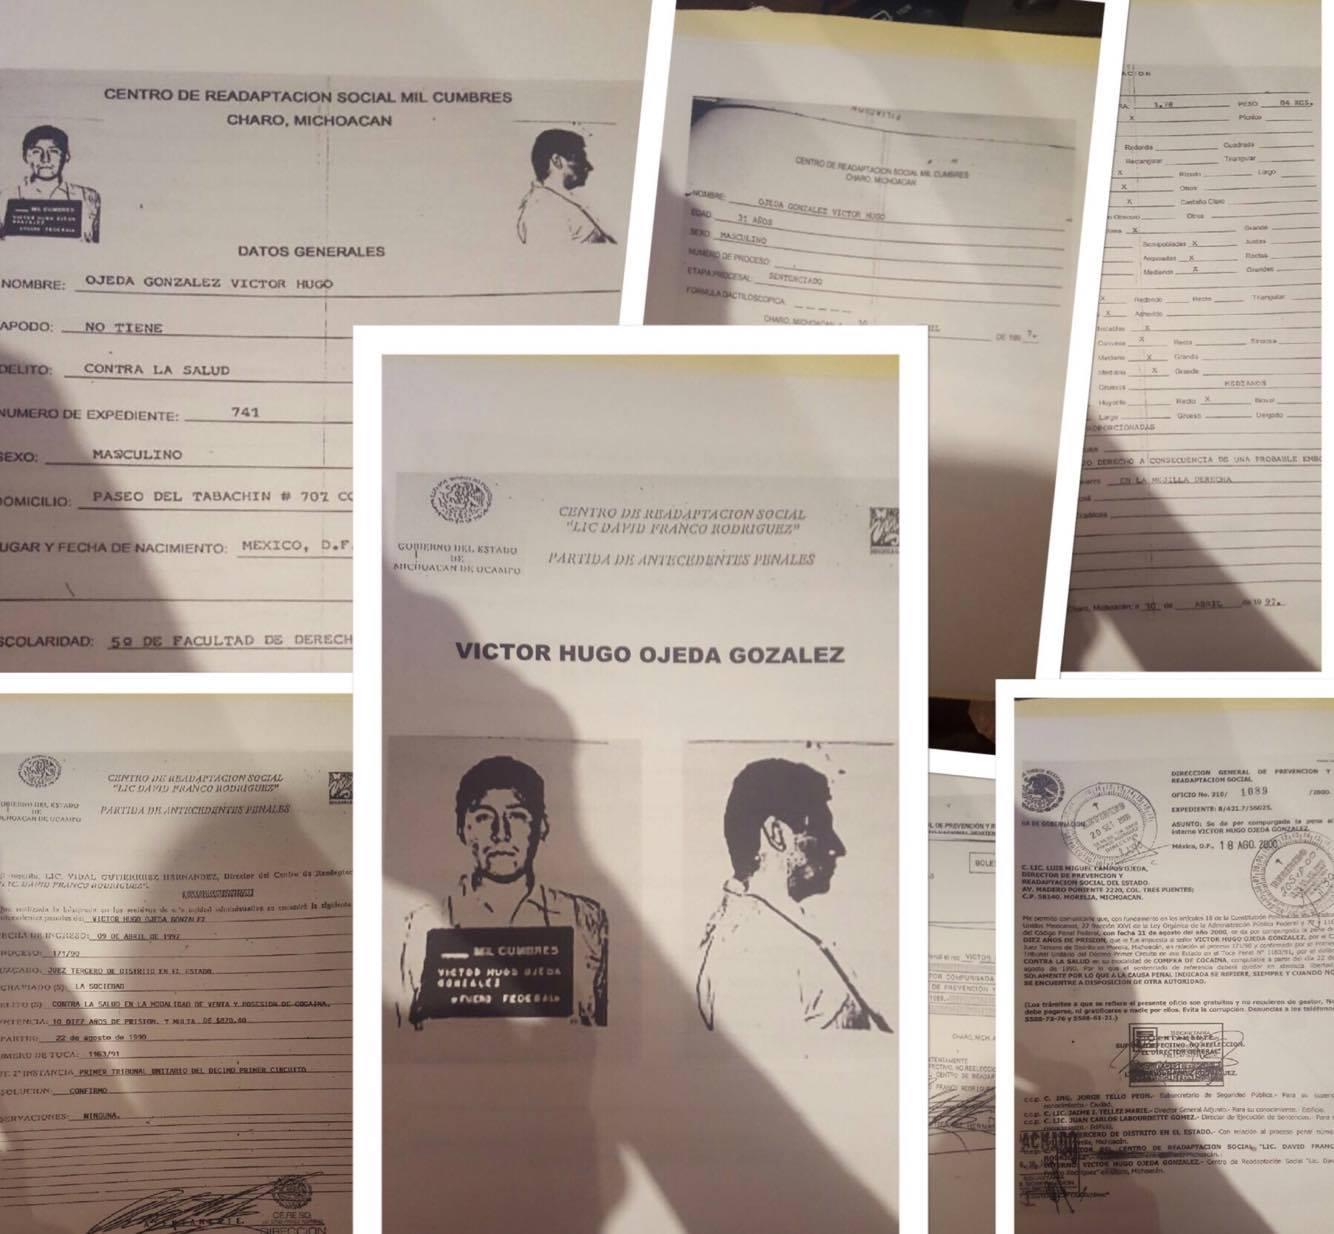 Mediante una filtración de copias de documentos presuntamente oficiales, señalan que Víctor Hugo Ojeda, el ex asesor del presidente municipal, José Herlindo Velázquez Fernández, purgó una pena privativa de la libertad por diez años en el vecino estado de Michoacán por venta y consumo de cocaína